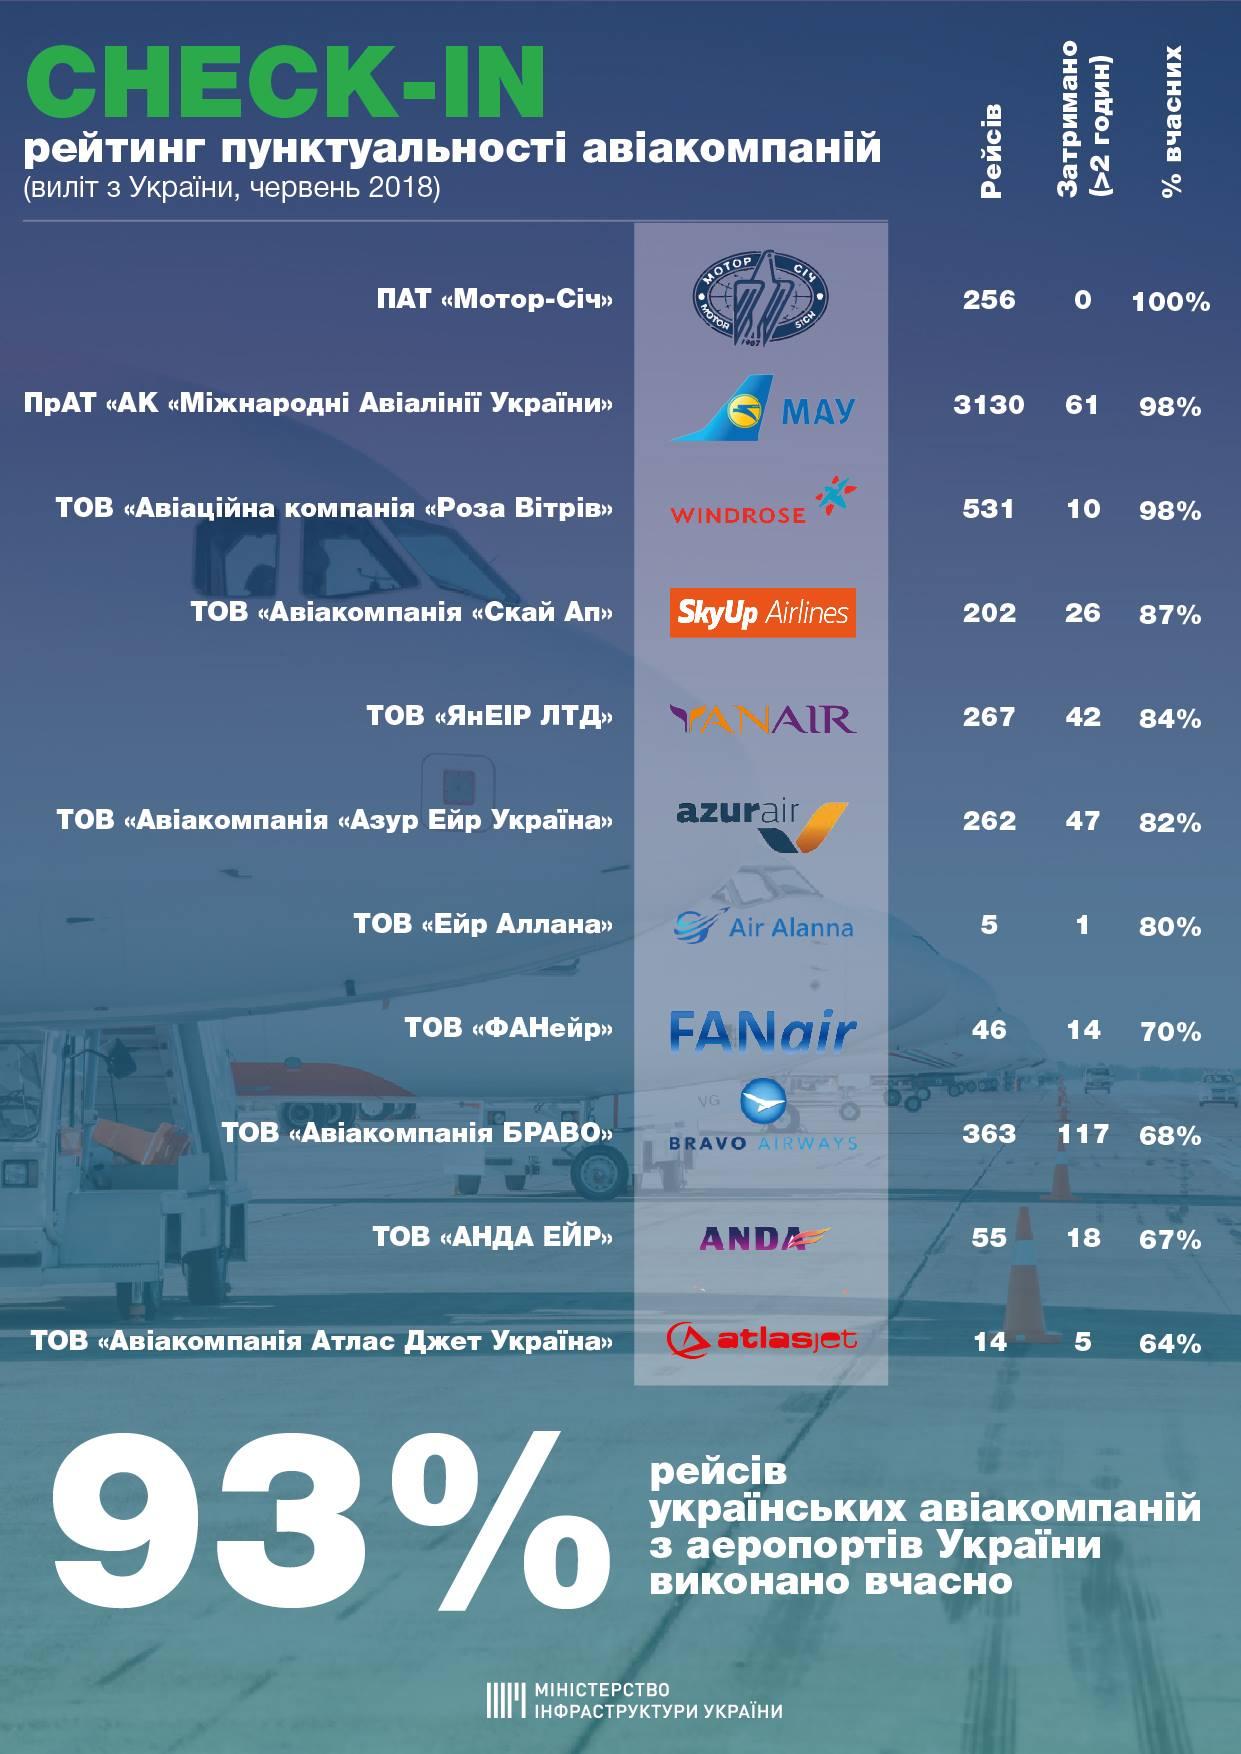 Рейтинг пунктуальности авиакомпаний Украины в июне 2018 года по данным Мининфраструктуры